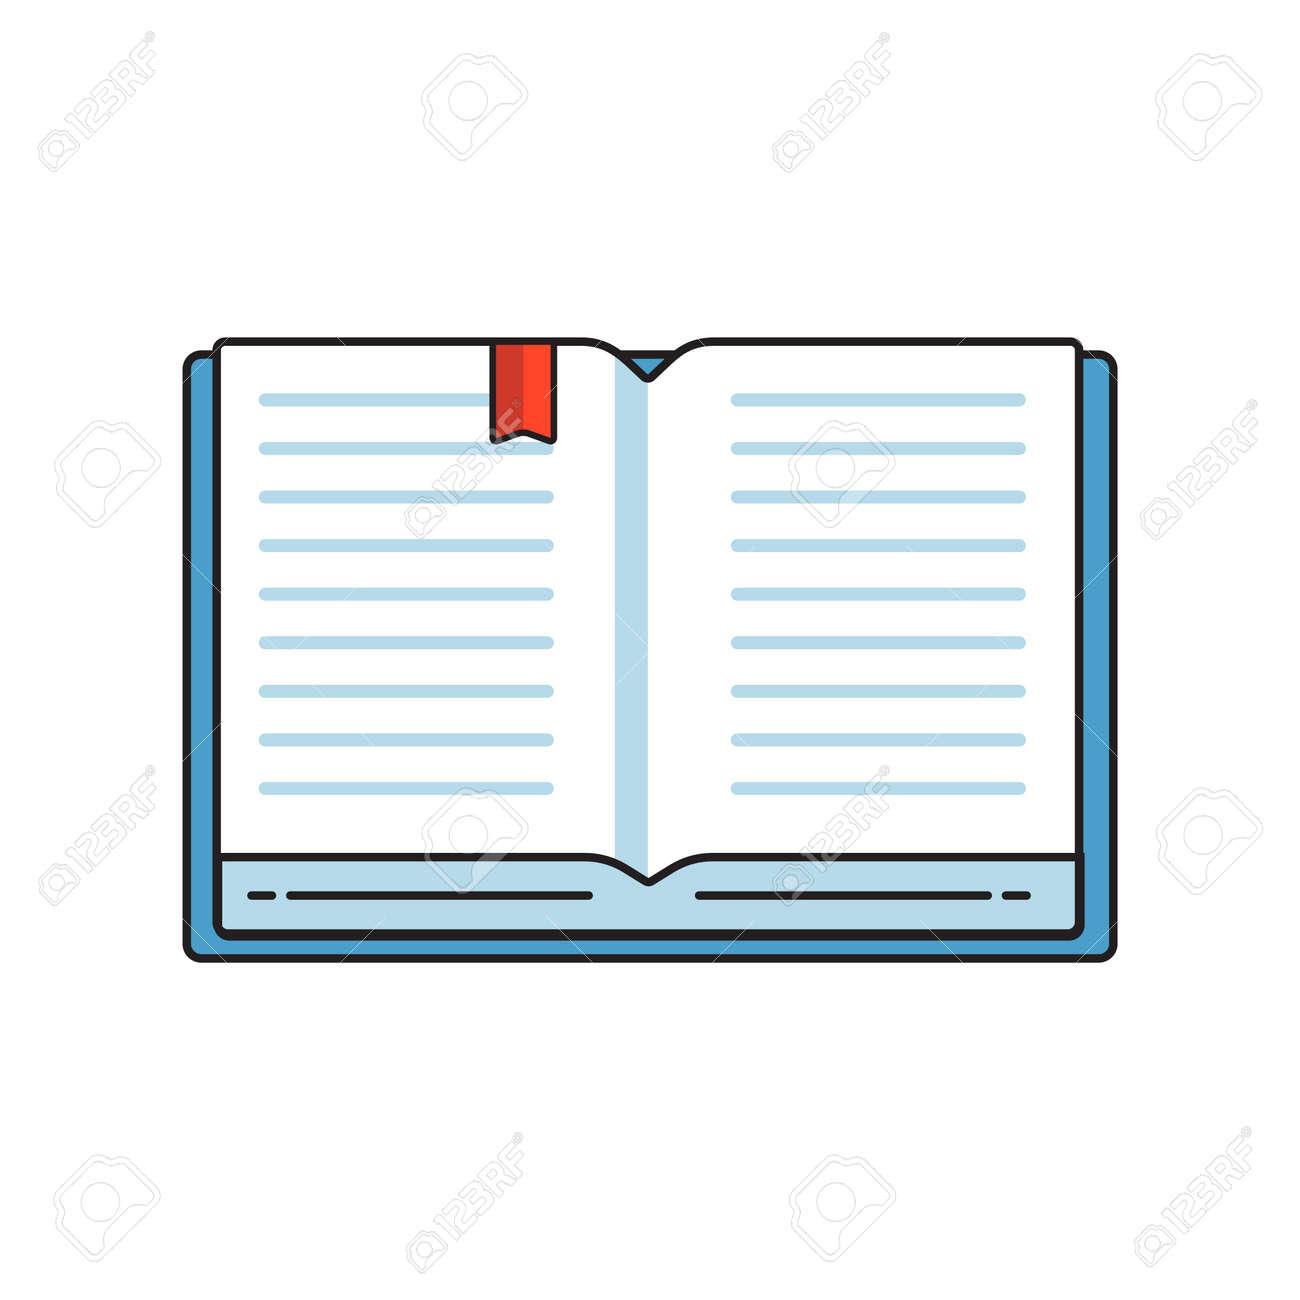 Pila De Libros De Colores. El Logotipo De La Librería. El Icono De ...